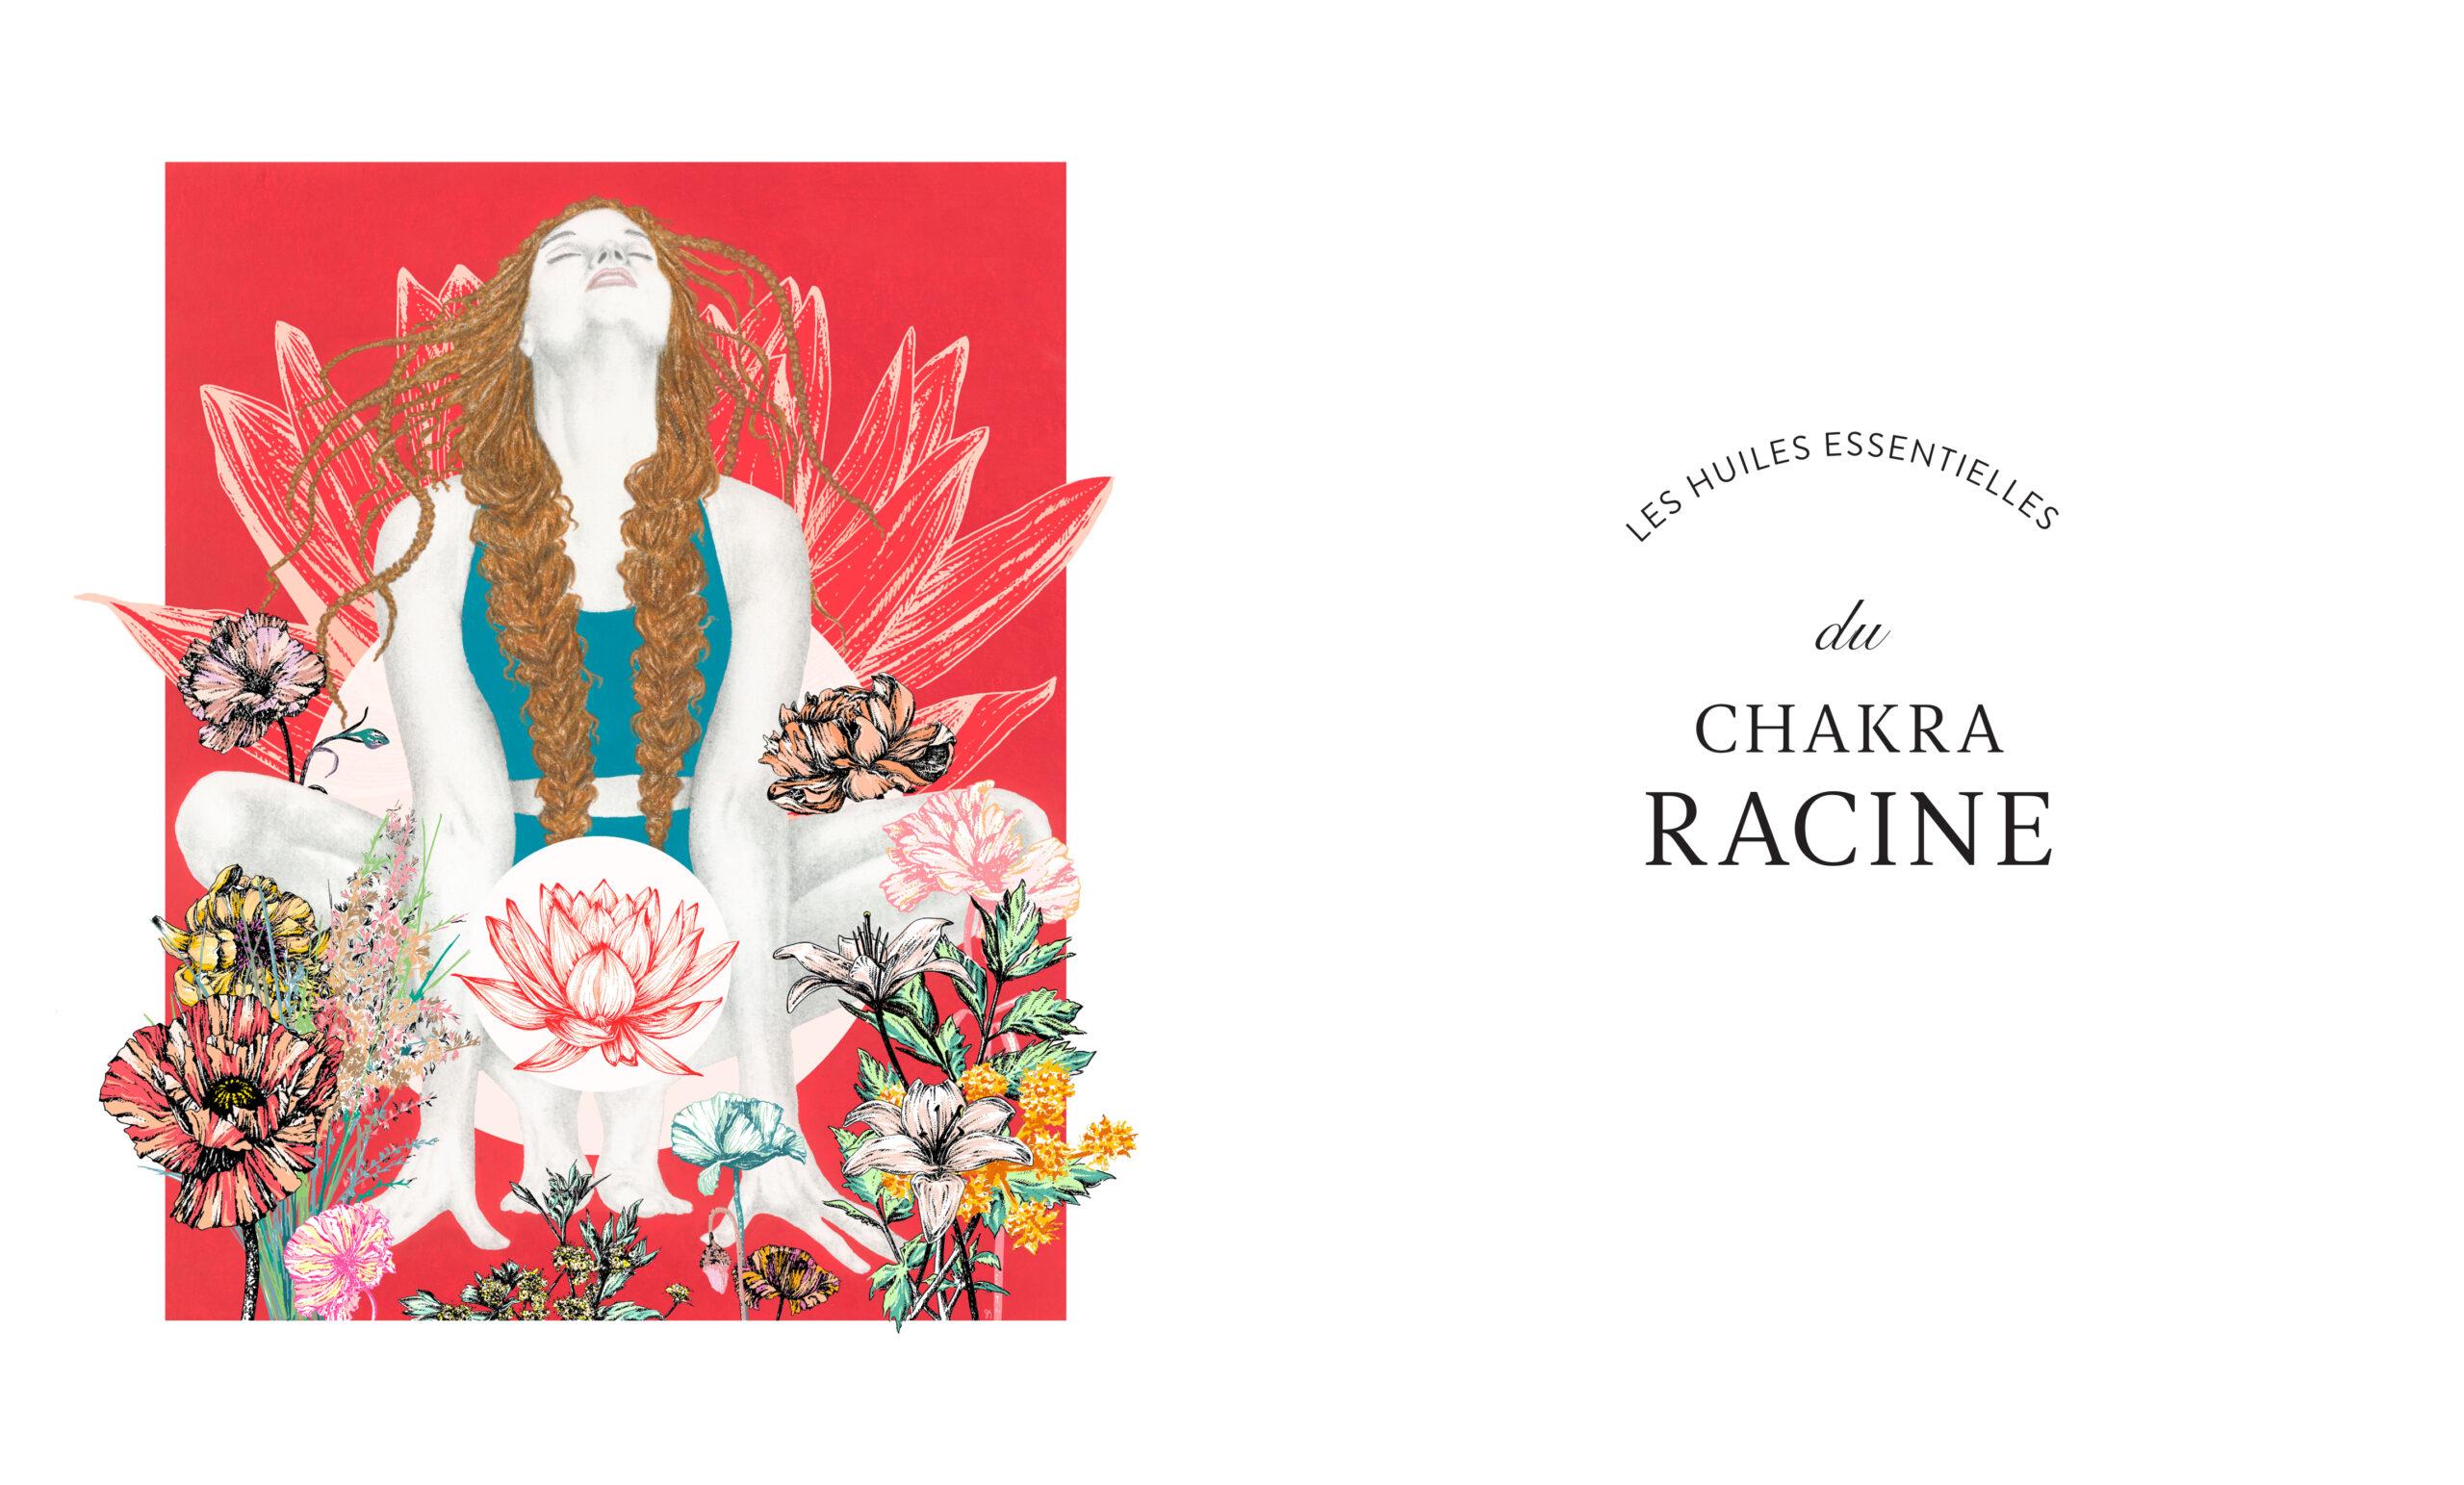 Chakra-racine-Le-grand-livre-des-huiles-essentielles